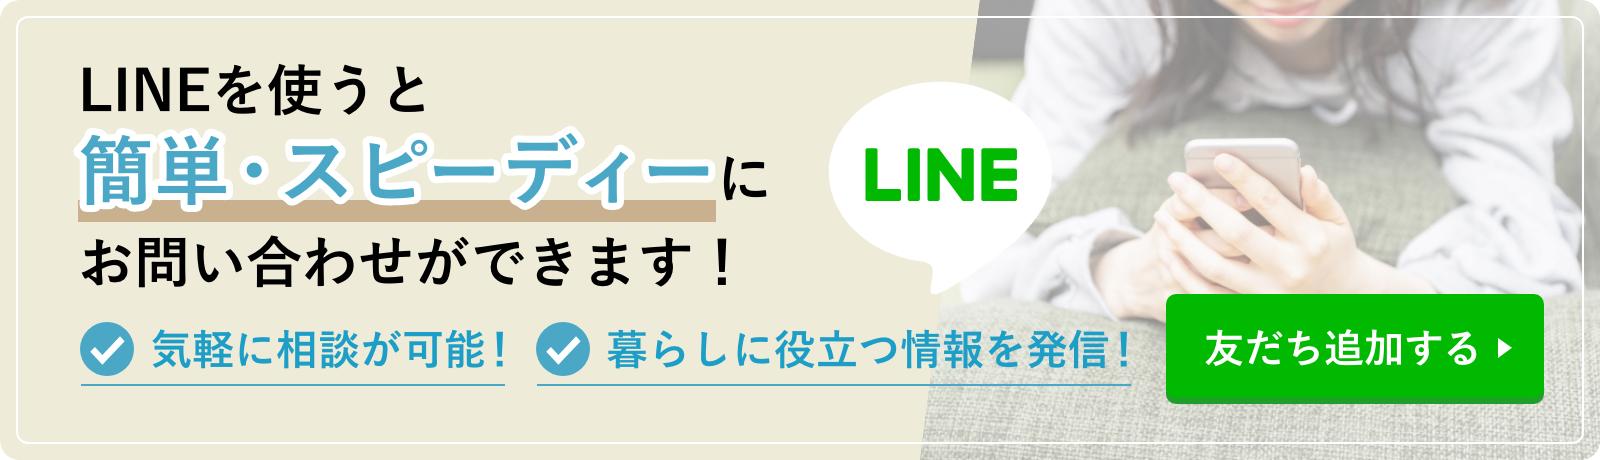 LINEを使うと簡単・スピーディーにお問い合わせができます!気軽に相談が可能!暮らしに役立つ情報を発信!友達